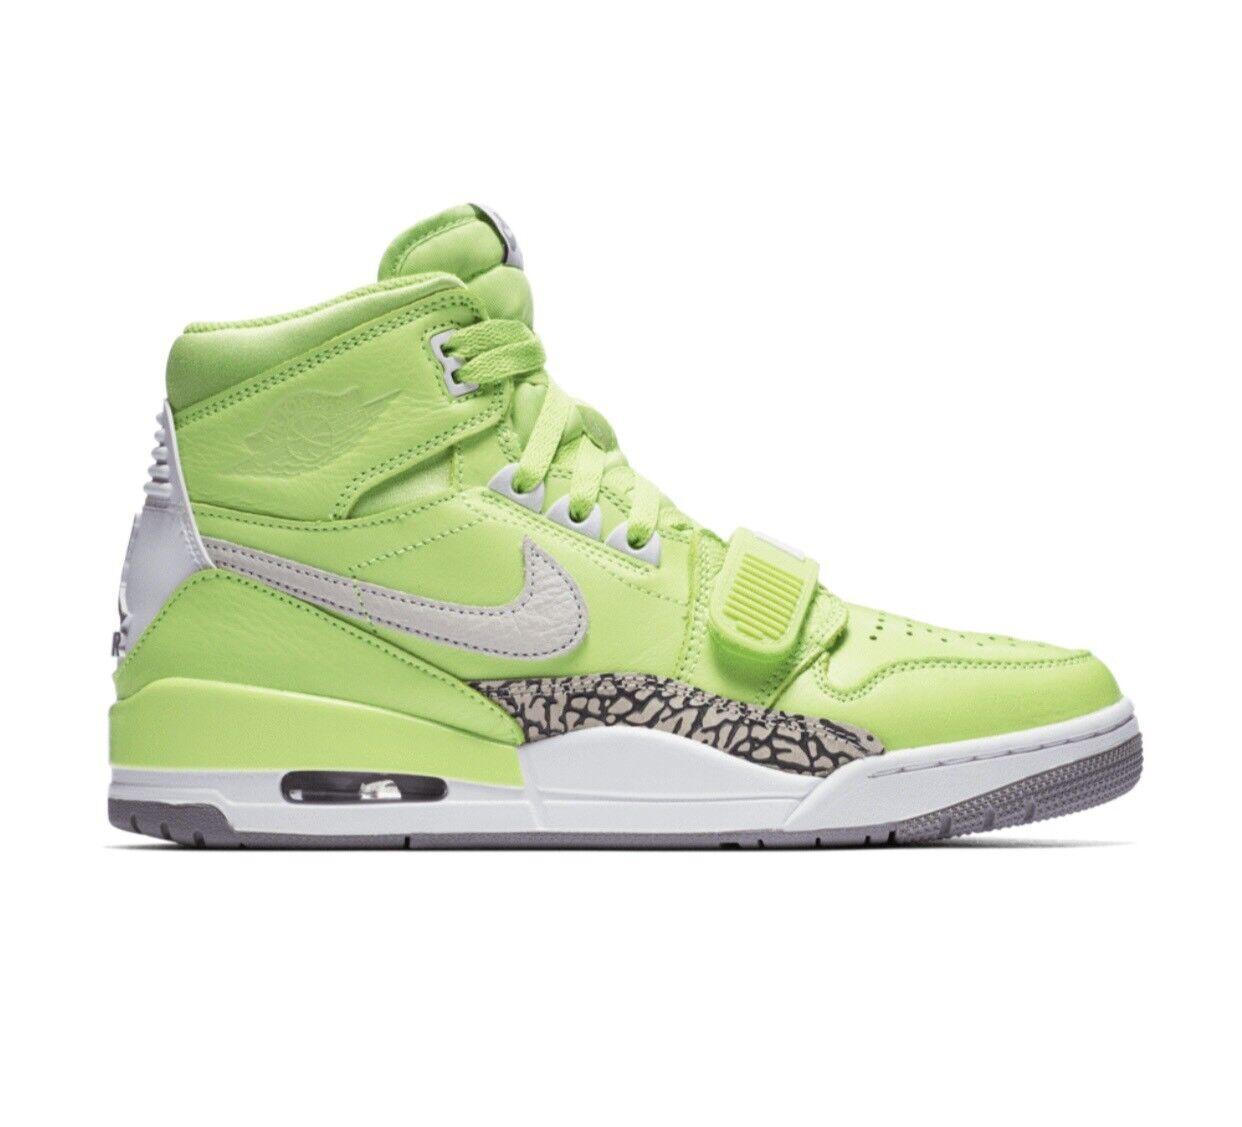 Nike Air Jordan Legacy 312 x Just Don NRG Ghost Green AQ4160 301 SZ9.5